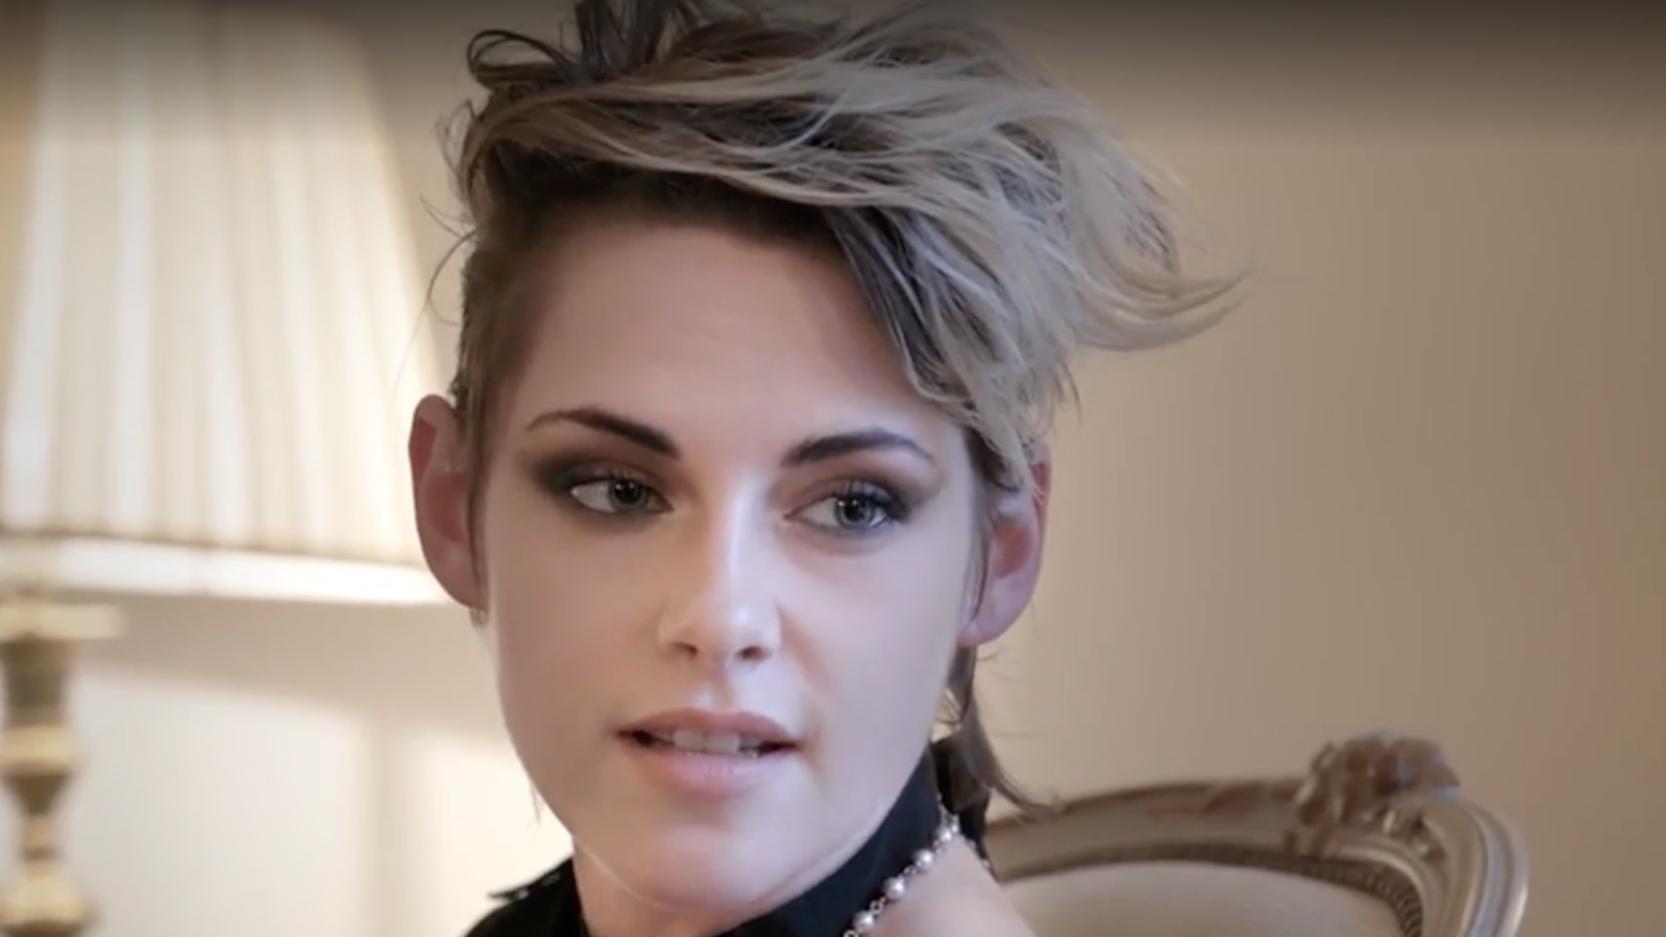 Kristen Stewart offers her take on Virginie Viard's new Chanel vision